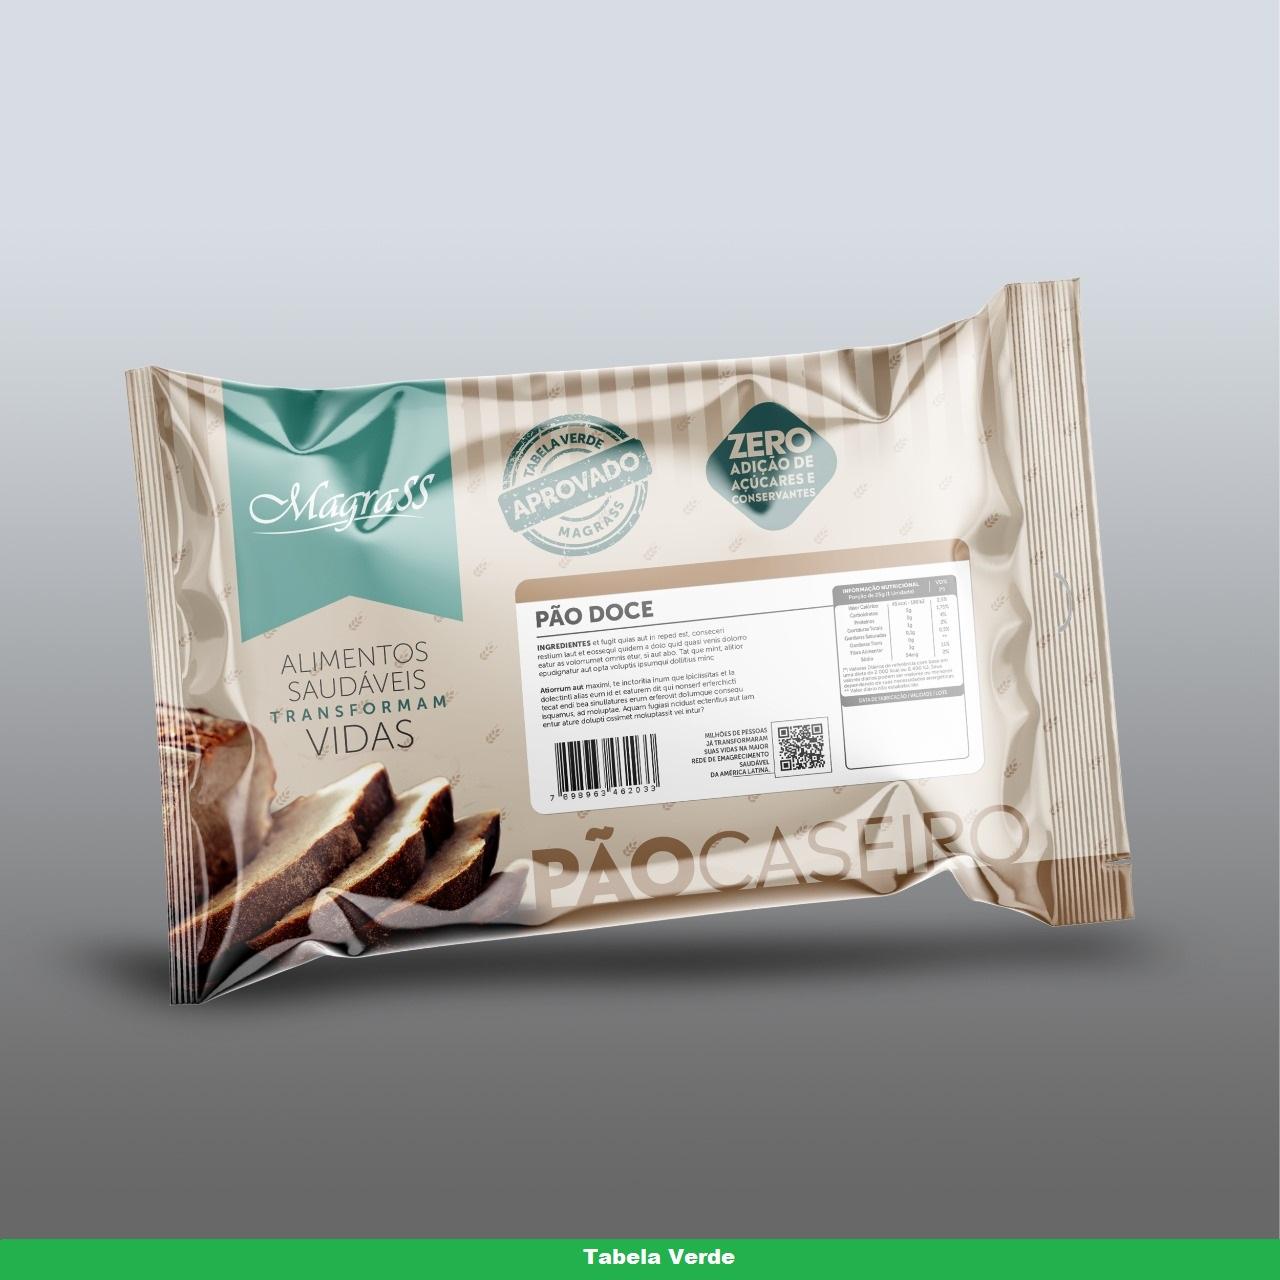 Pão doce zero açúcar Magrass (site)